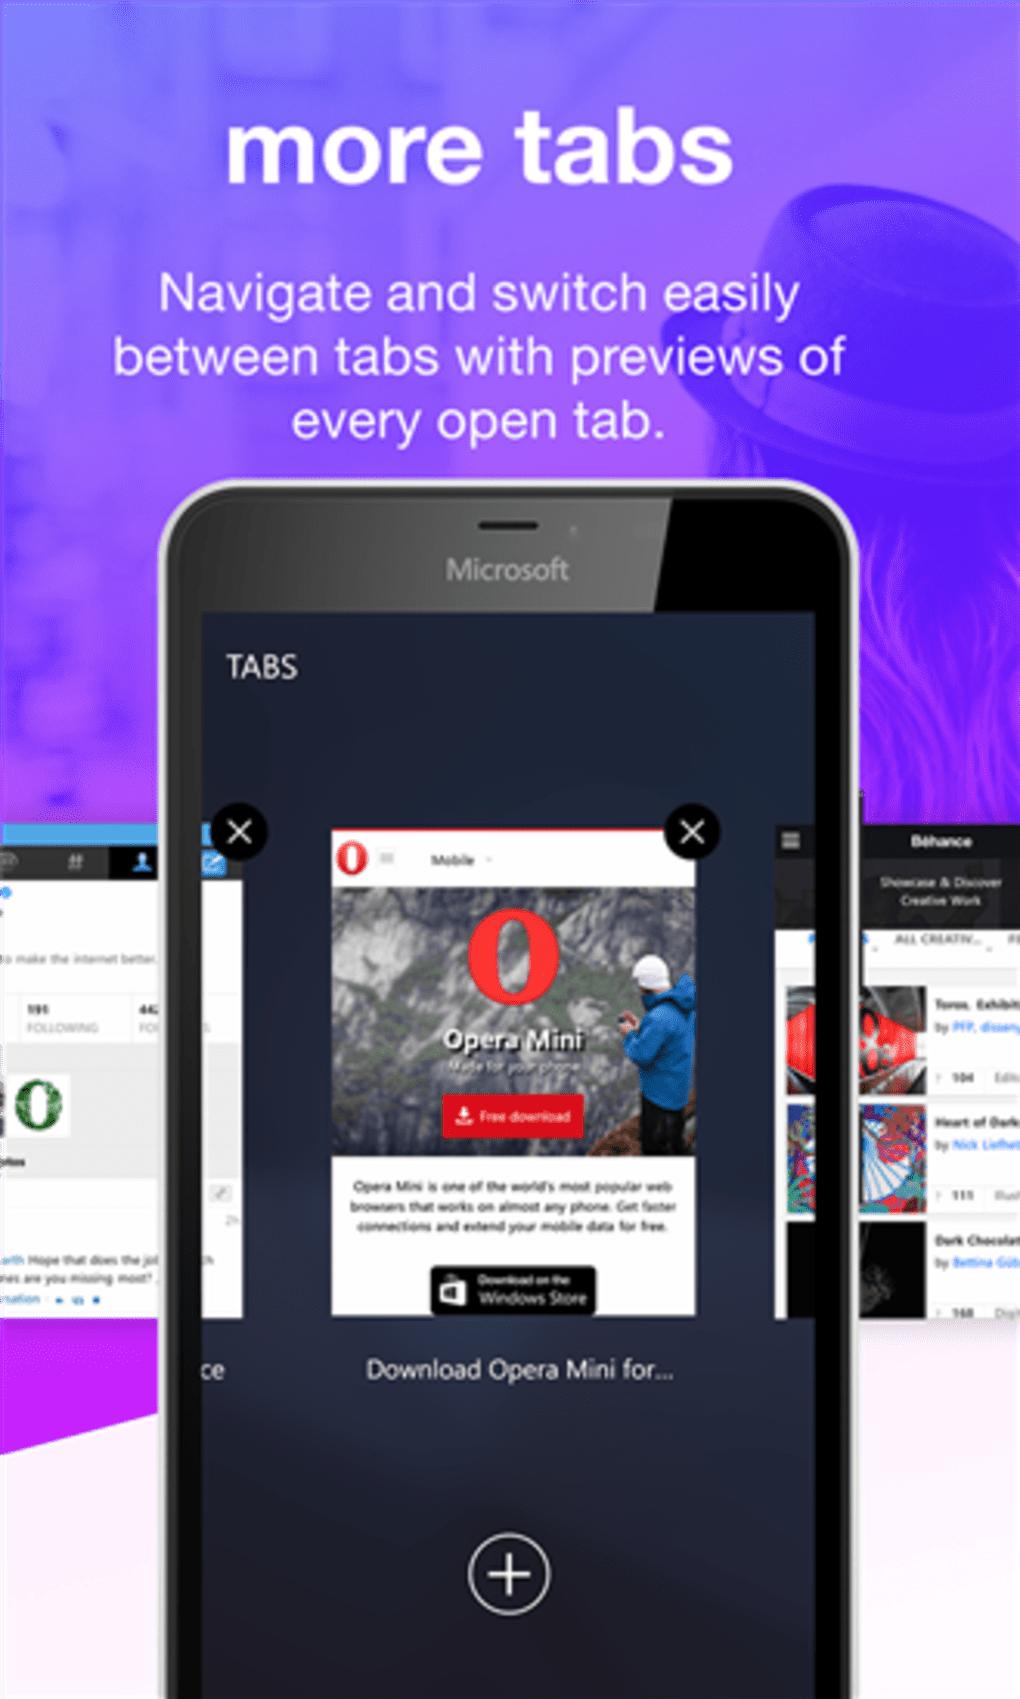 logiciel zune pour windows phone 7.5